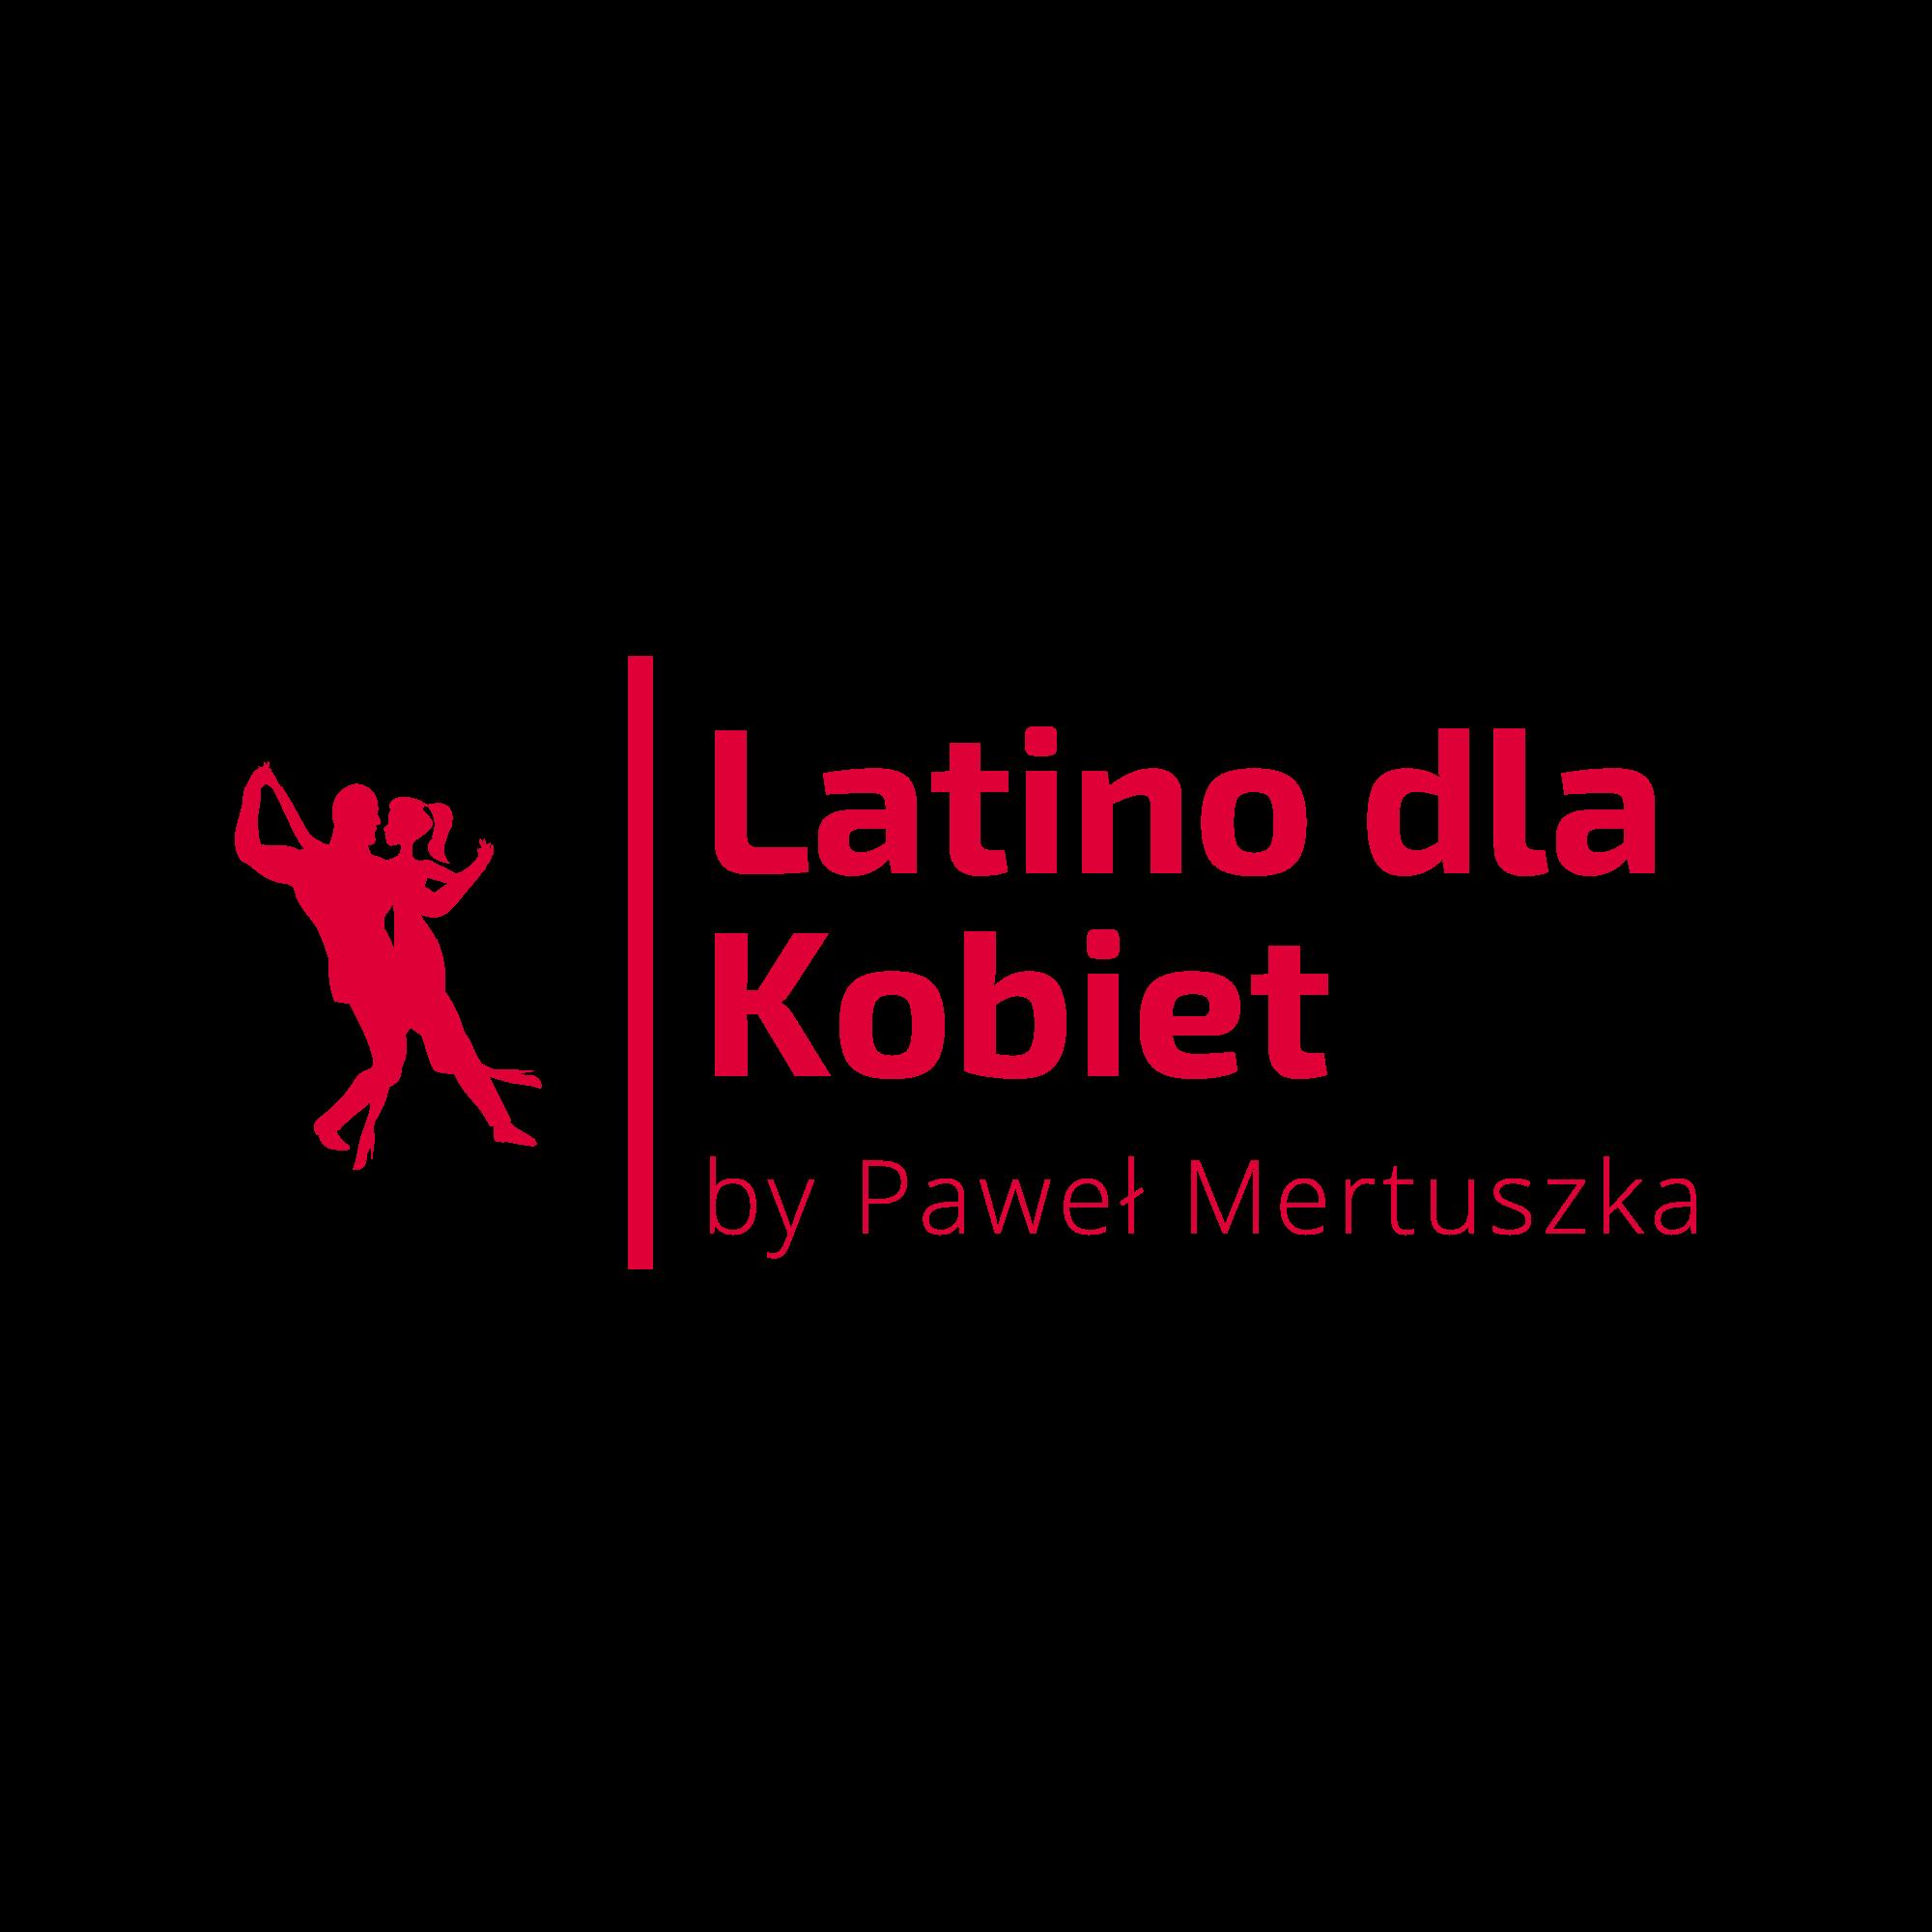 Latino dla Kobiet by Paweł Mertuszka